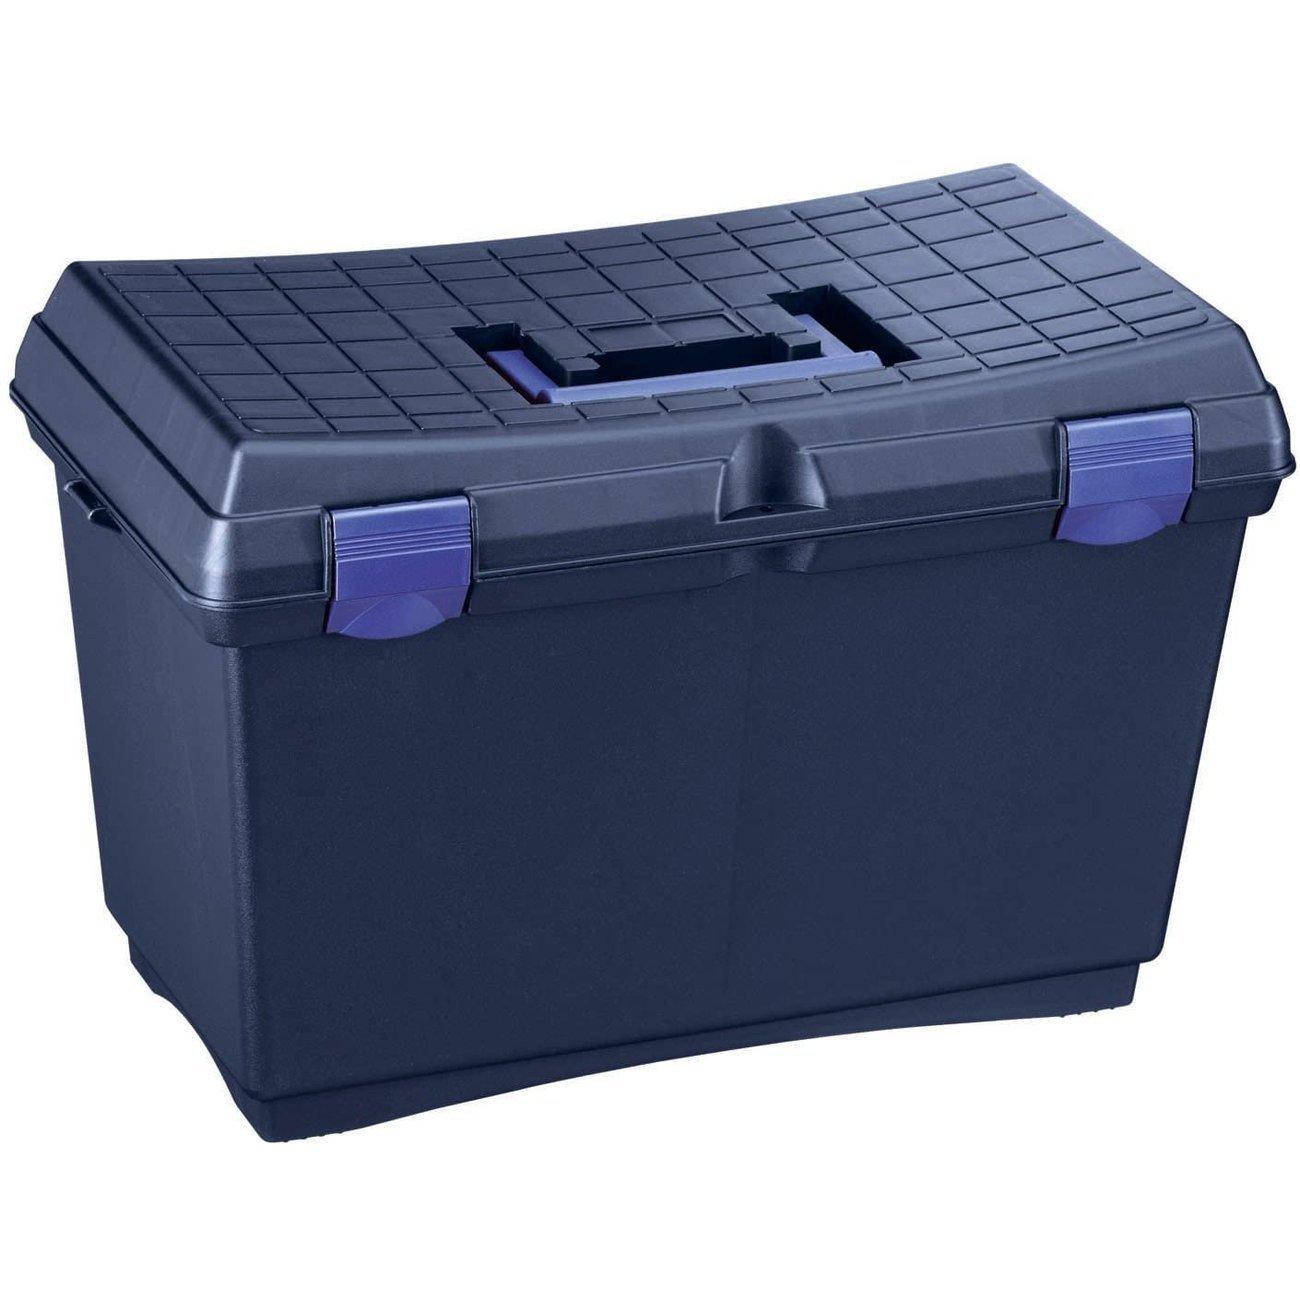 BUSSE Putzbox CLASSICO